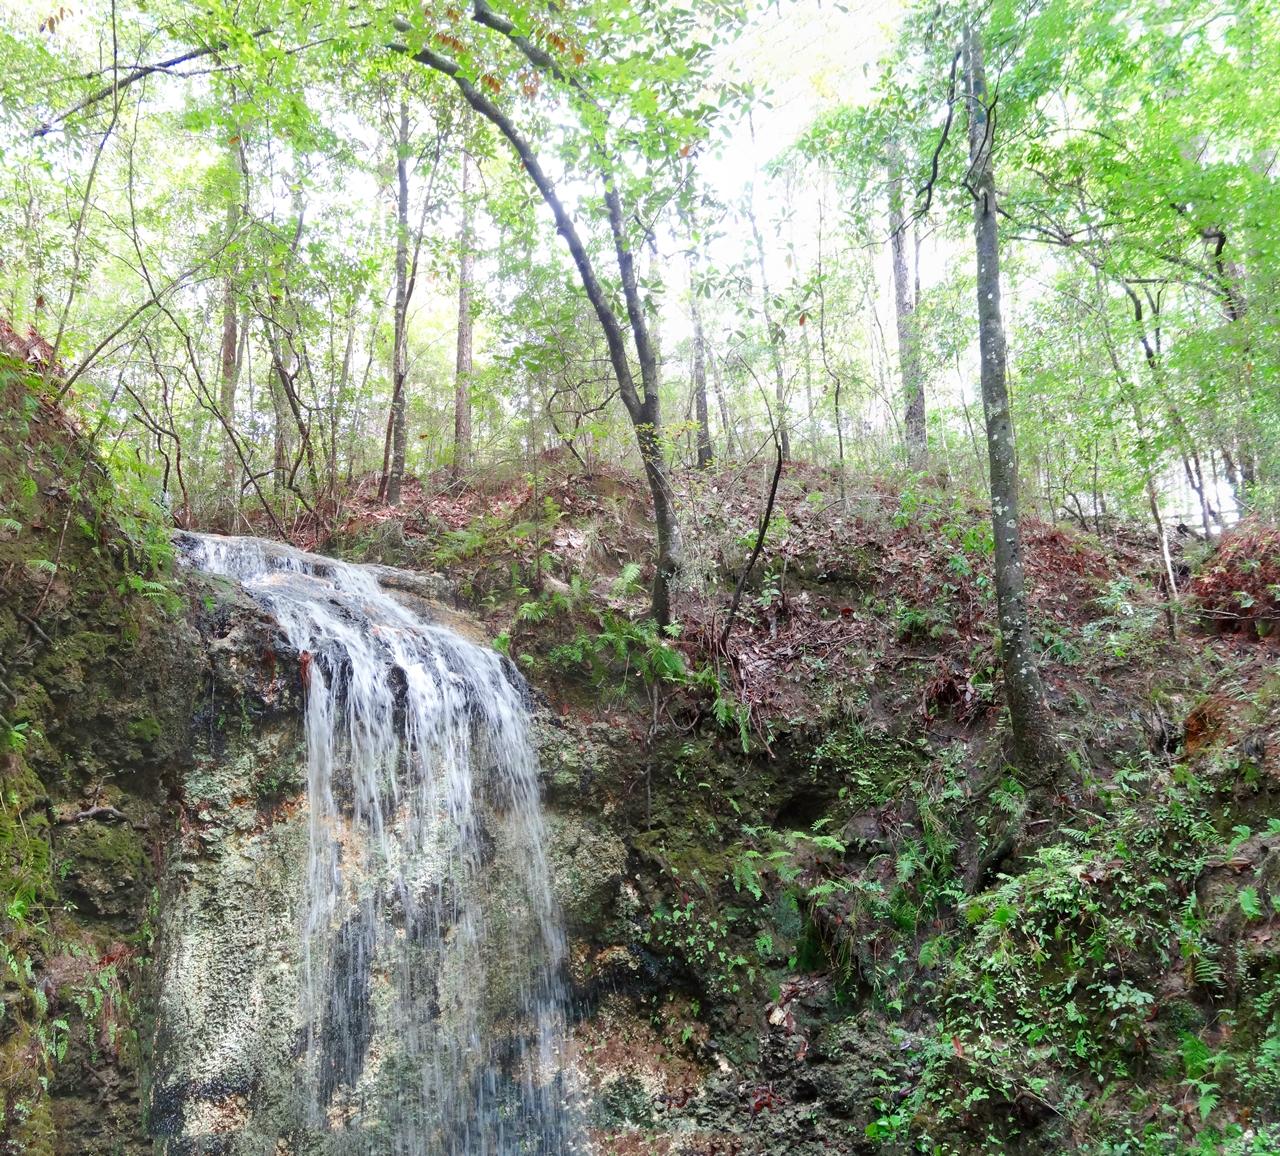 wasserfall Falling waters state park nordflorida wasserfall florida natinalpark